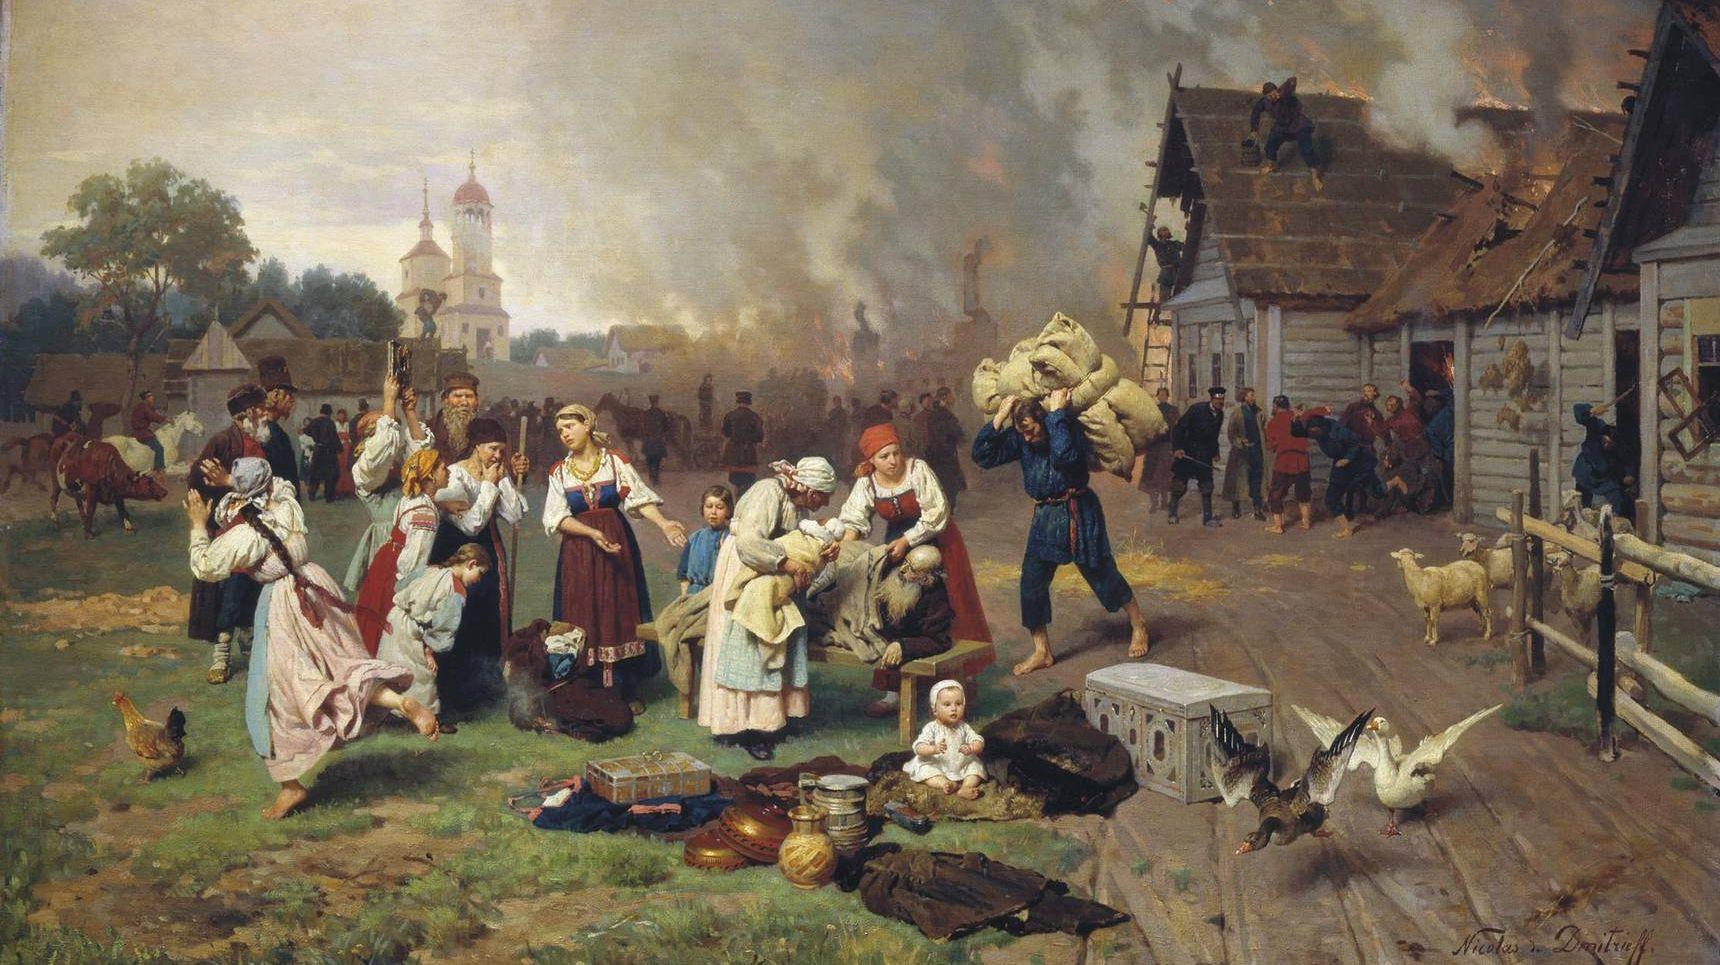 Дмитриев-Оренбургский Николай. Пожар в деревне